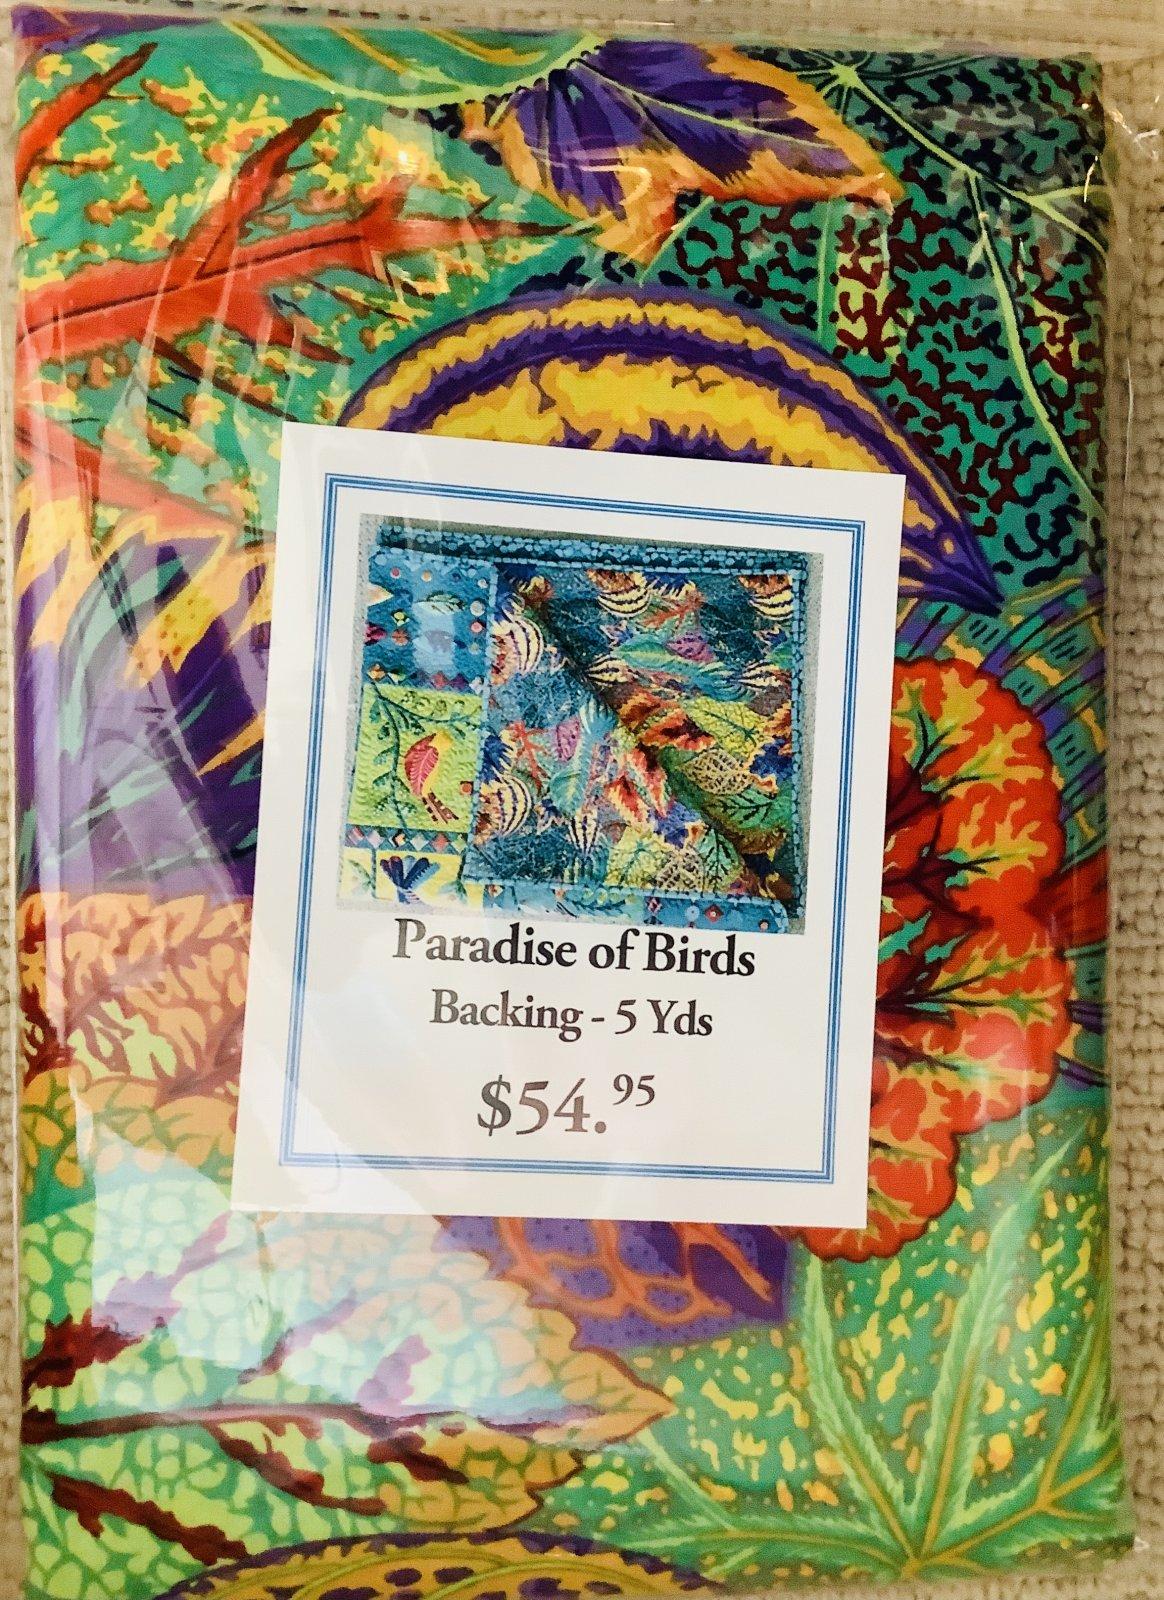 Paradise of Birds Backing